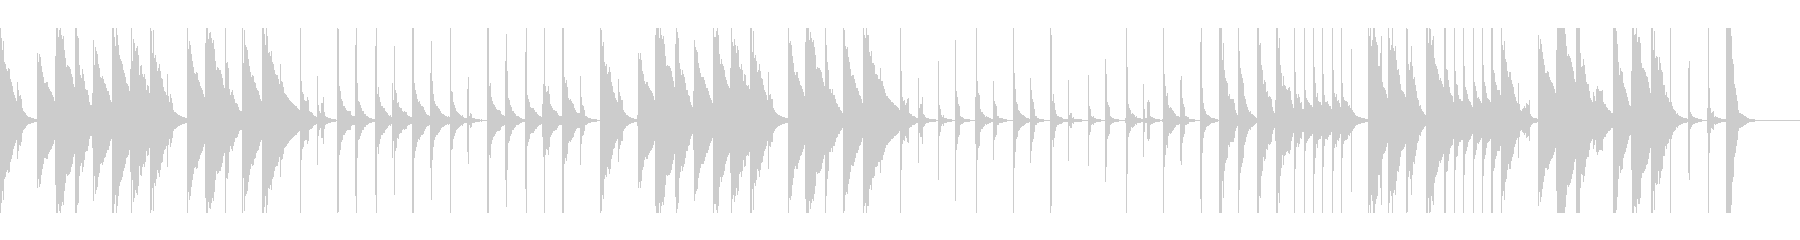 おとぼけ コミカルで明るい ループ仕様の未再生の波形